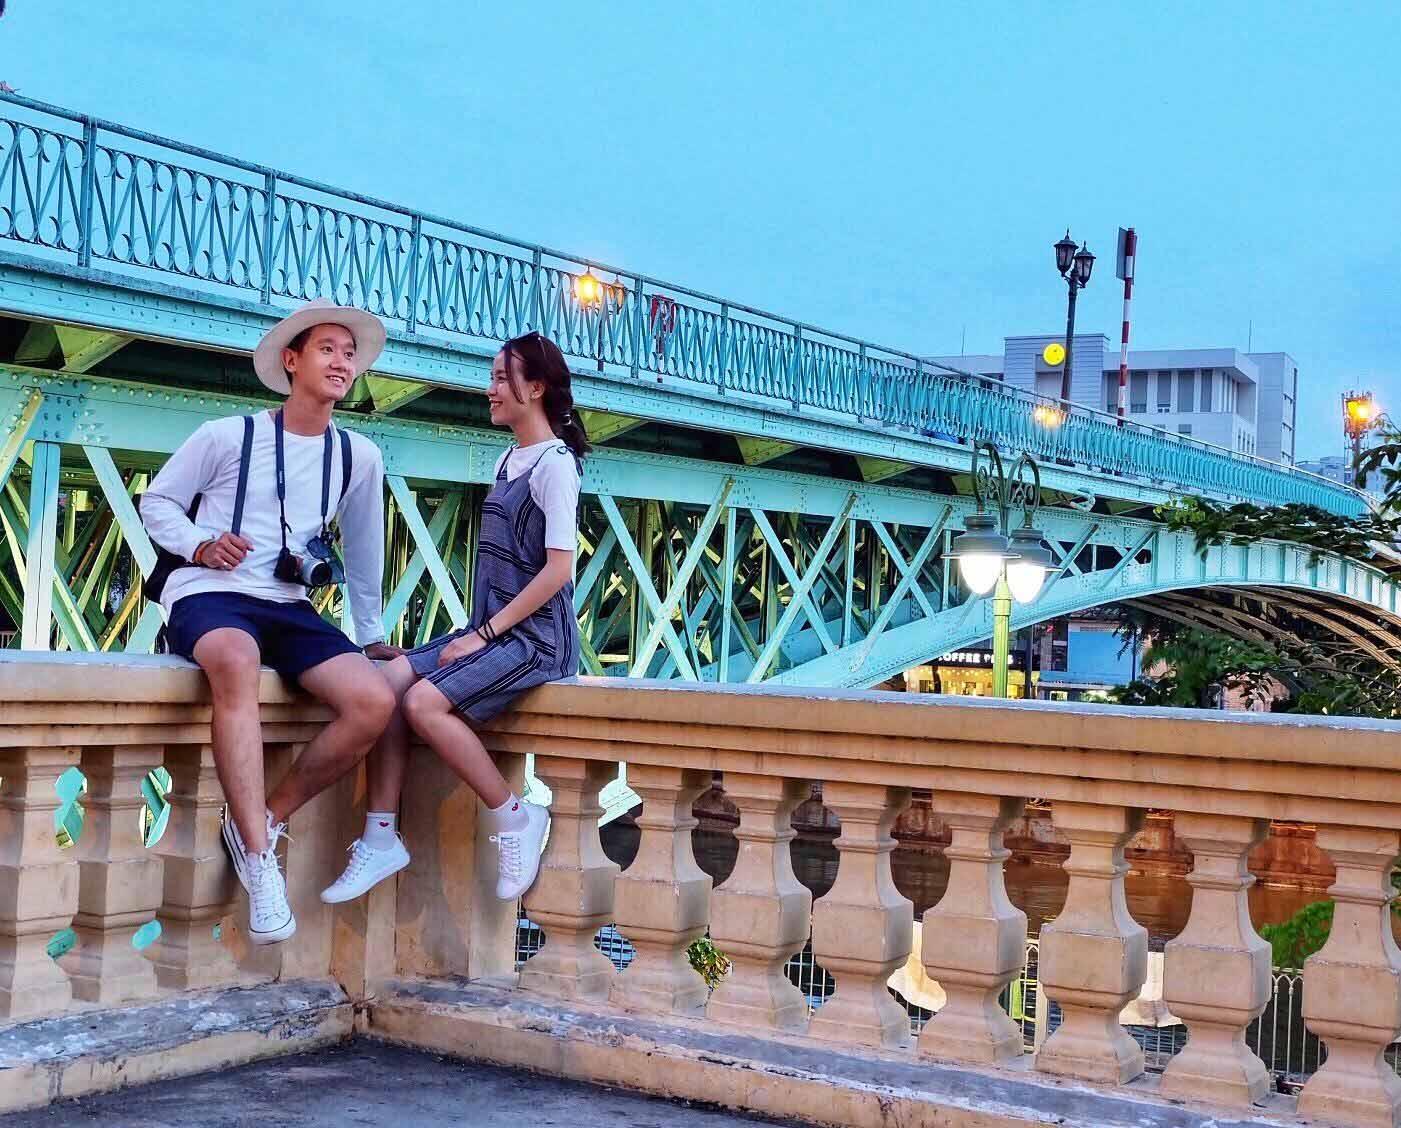 Cây cầu đẹp nhất Viêt Nam - cầu Long Biên